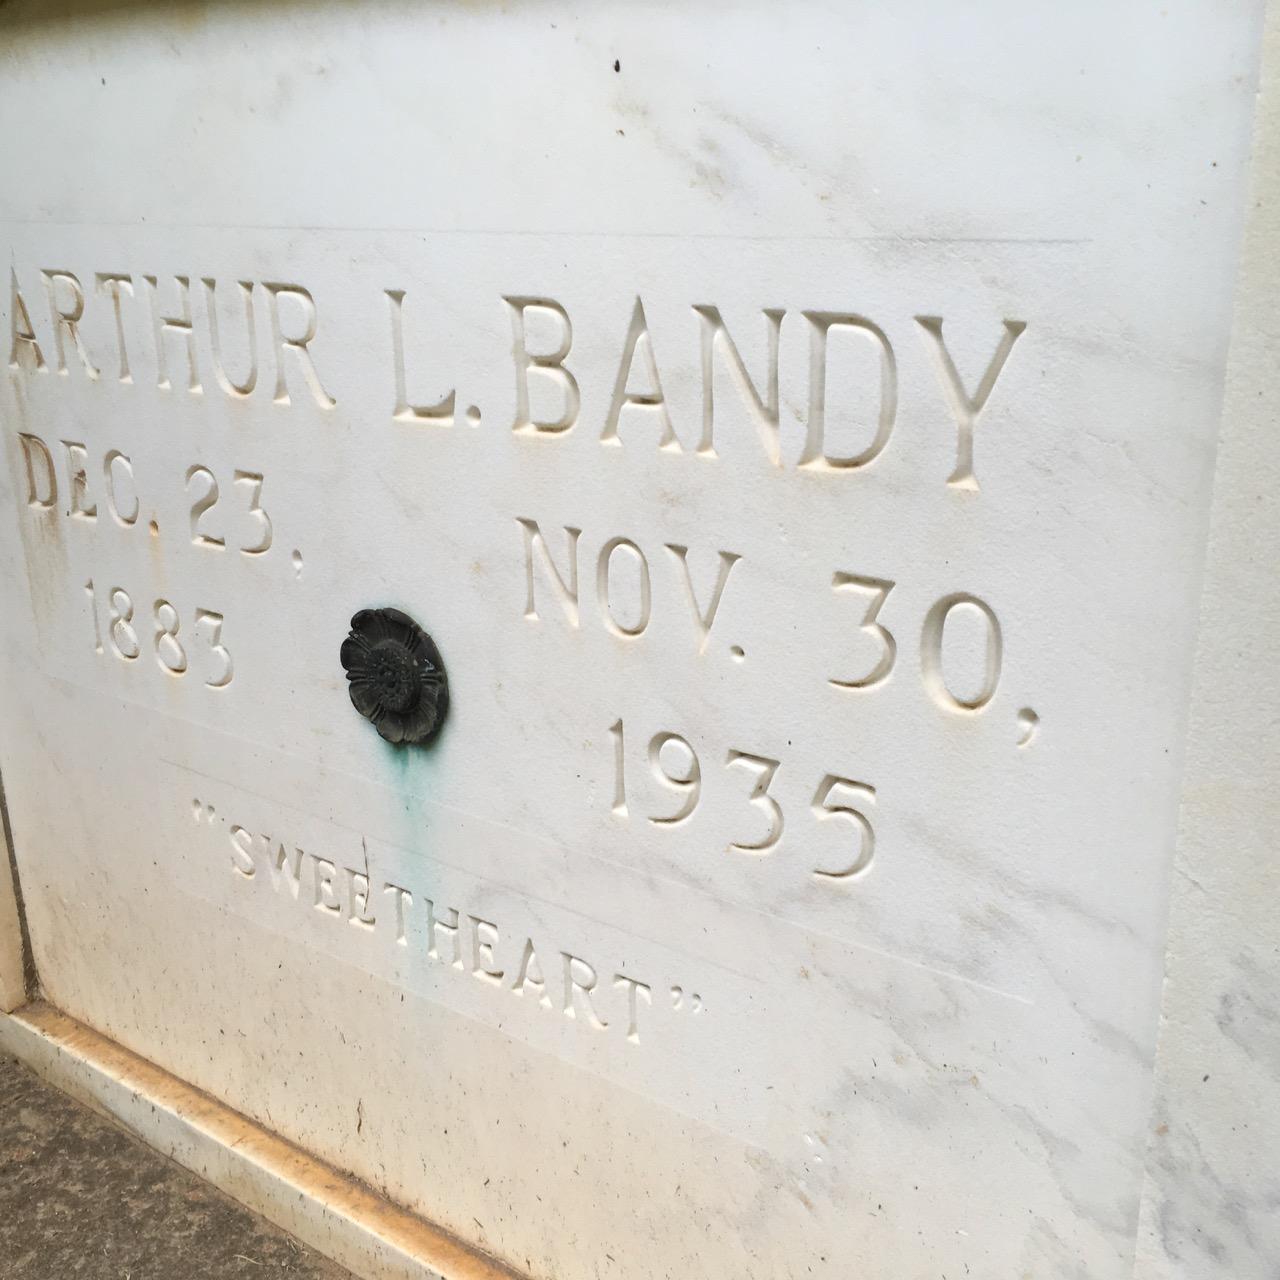 Arthur L. Bandy